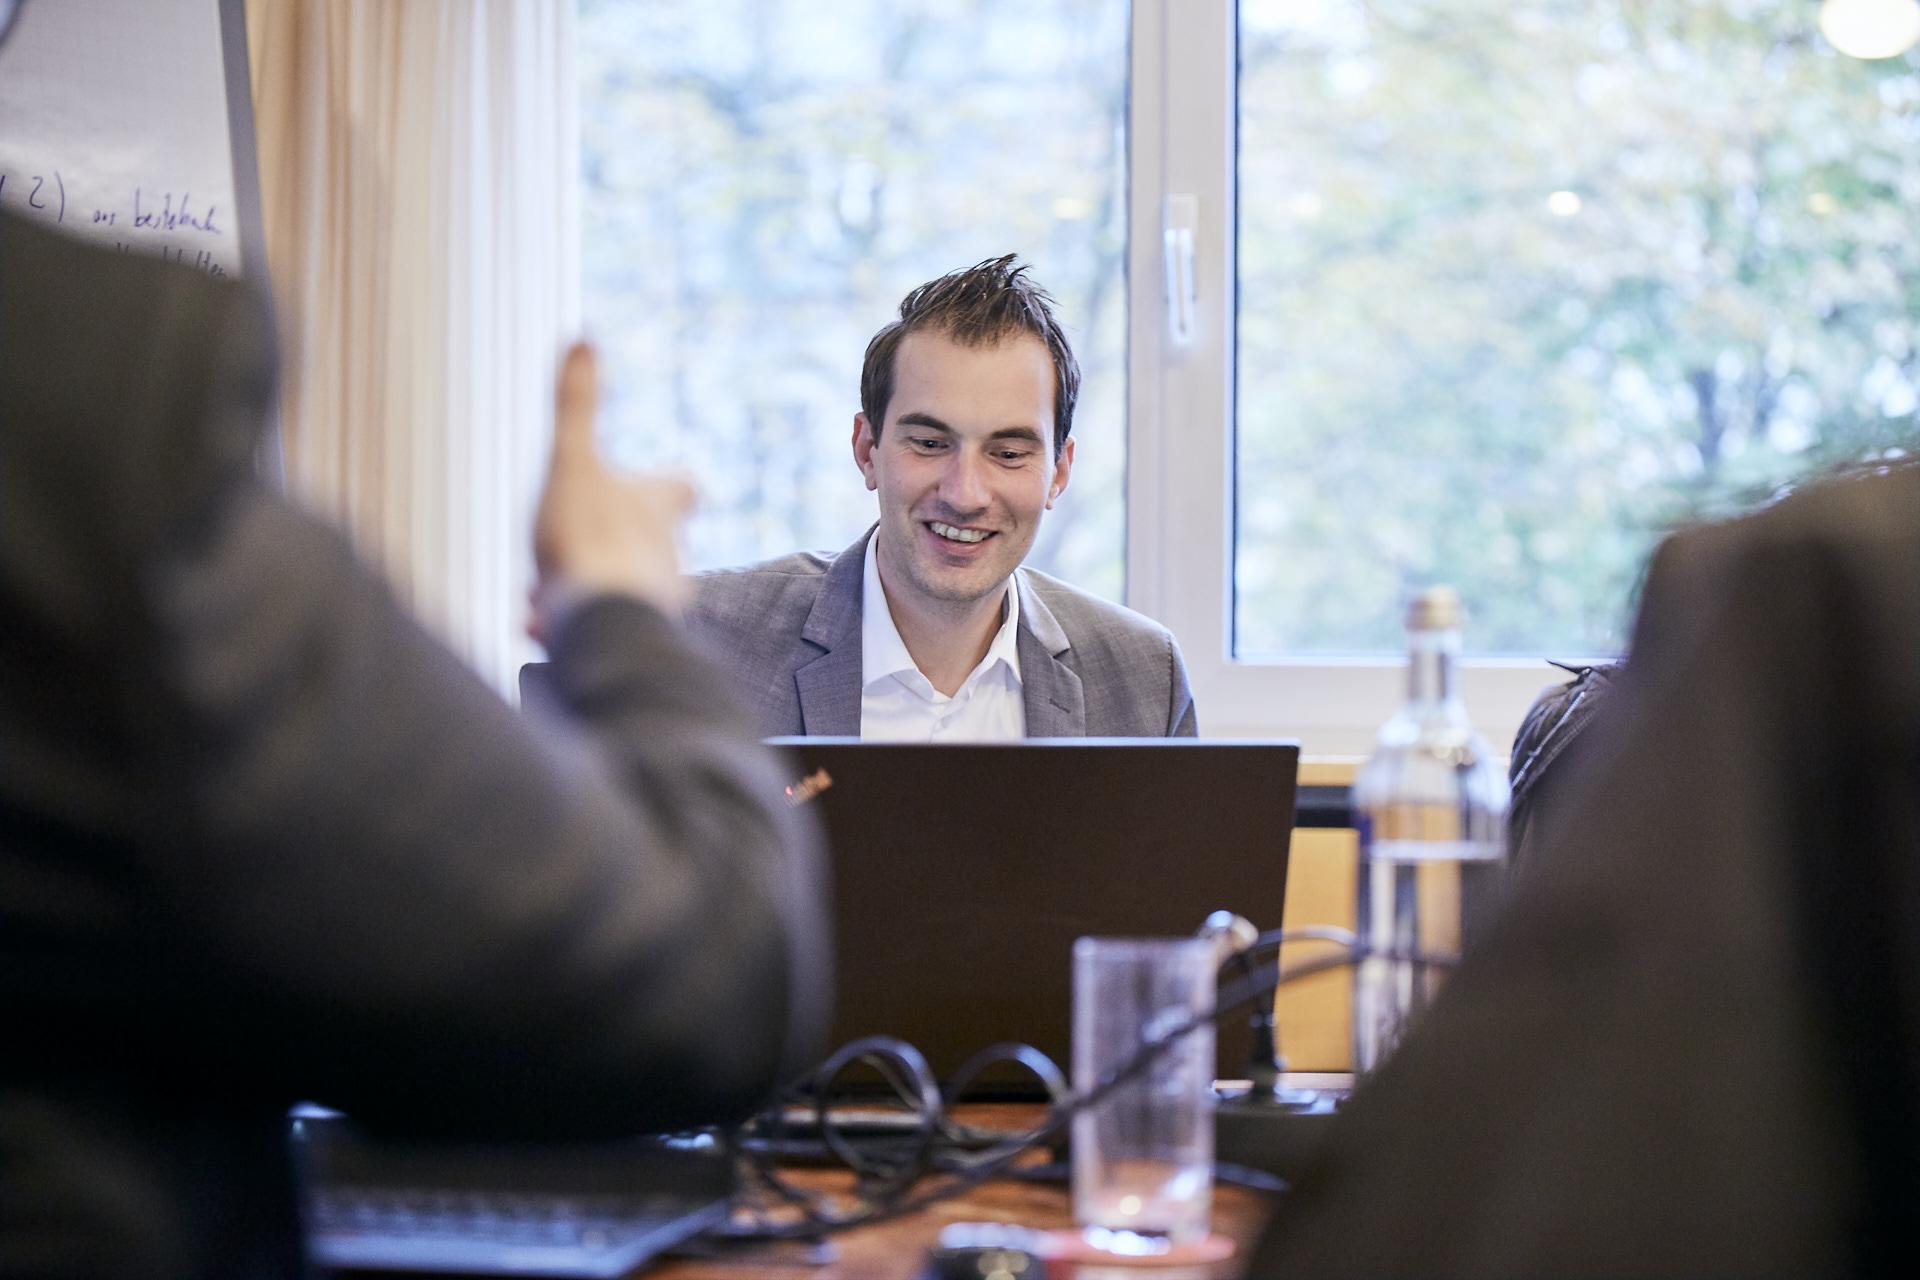 Mann sitzt bei einer Konferenz hinter seinem Laptop